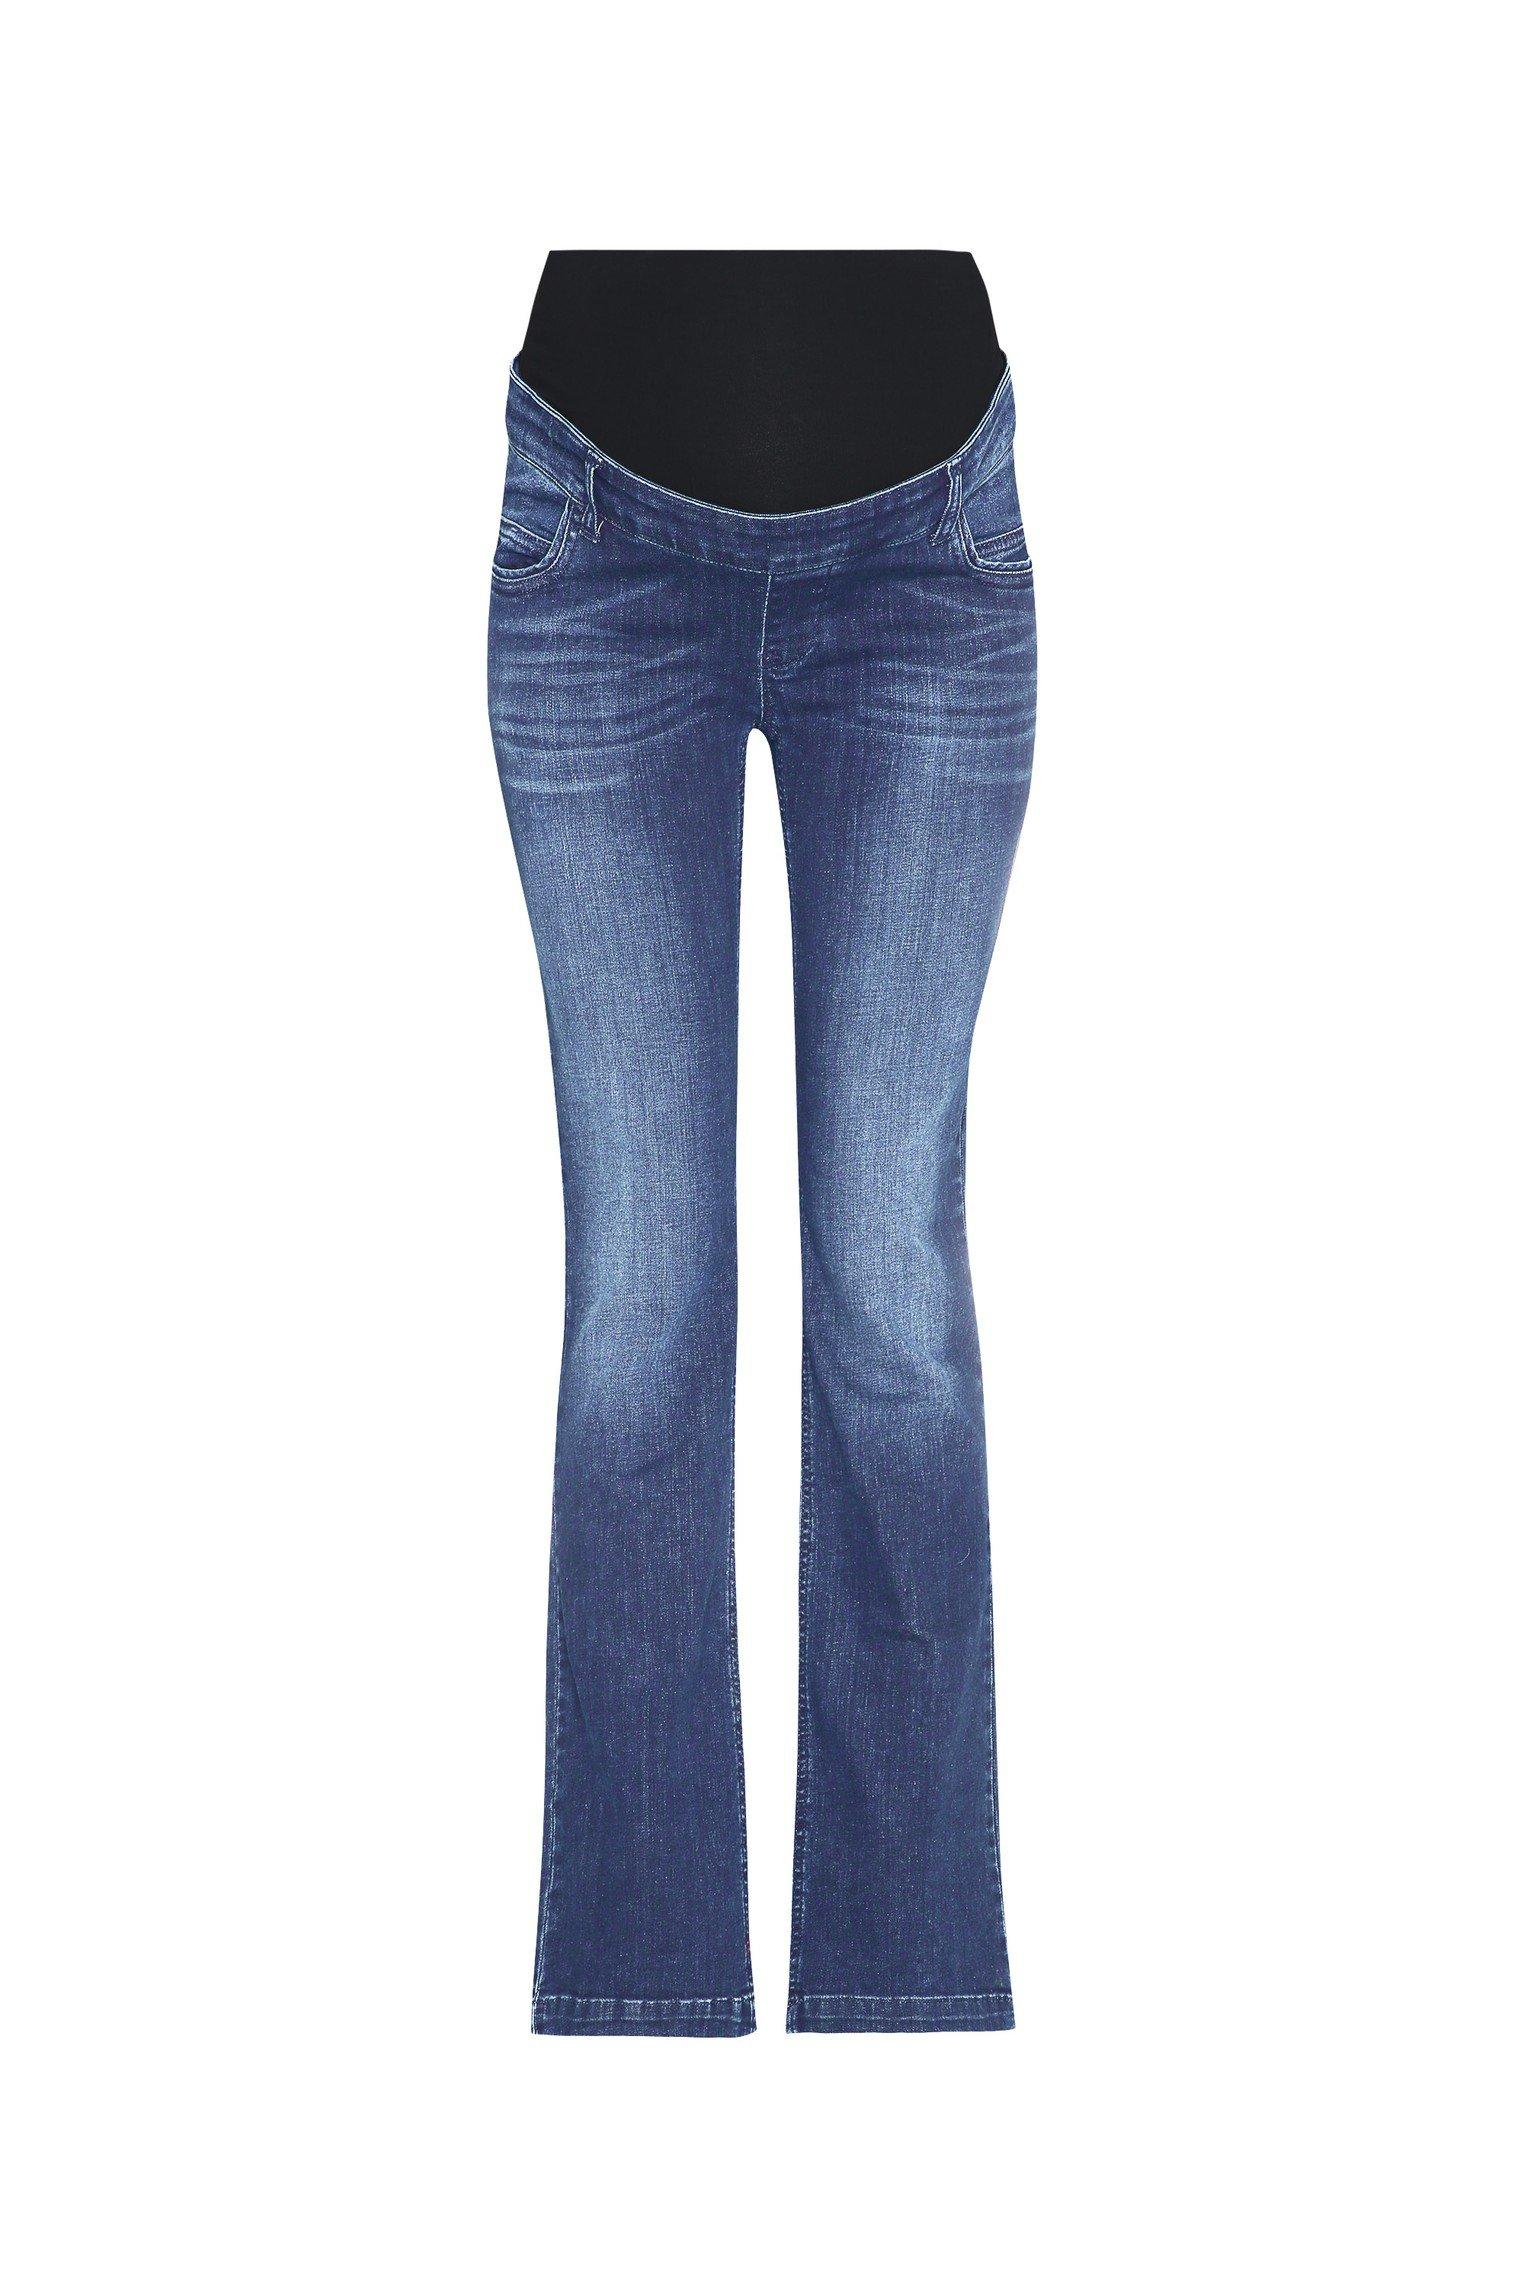 Femme Bootcut MaternitéBleublue Bellybutton Überbauchbund Denim 0013W42 Mit Jeans xWrdBeCo